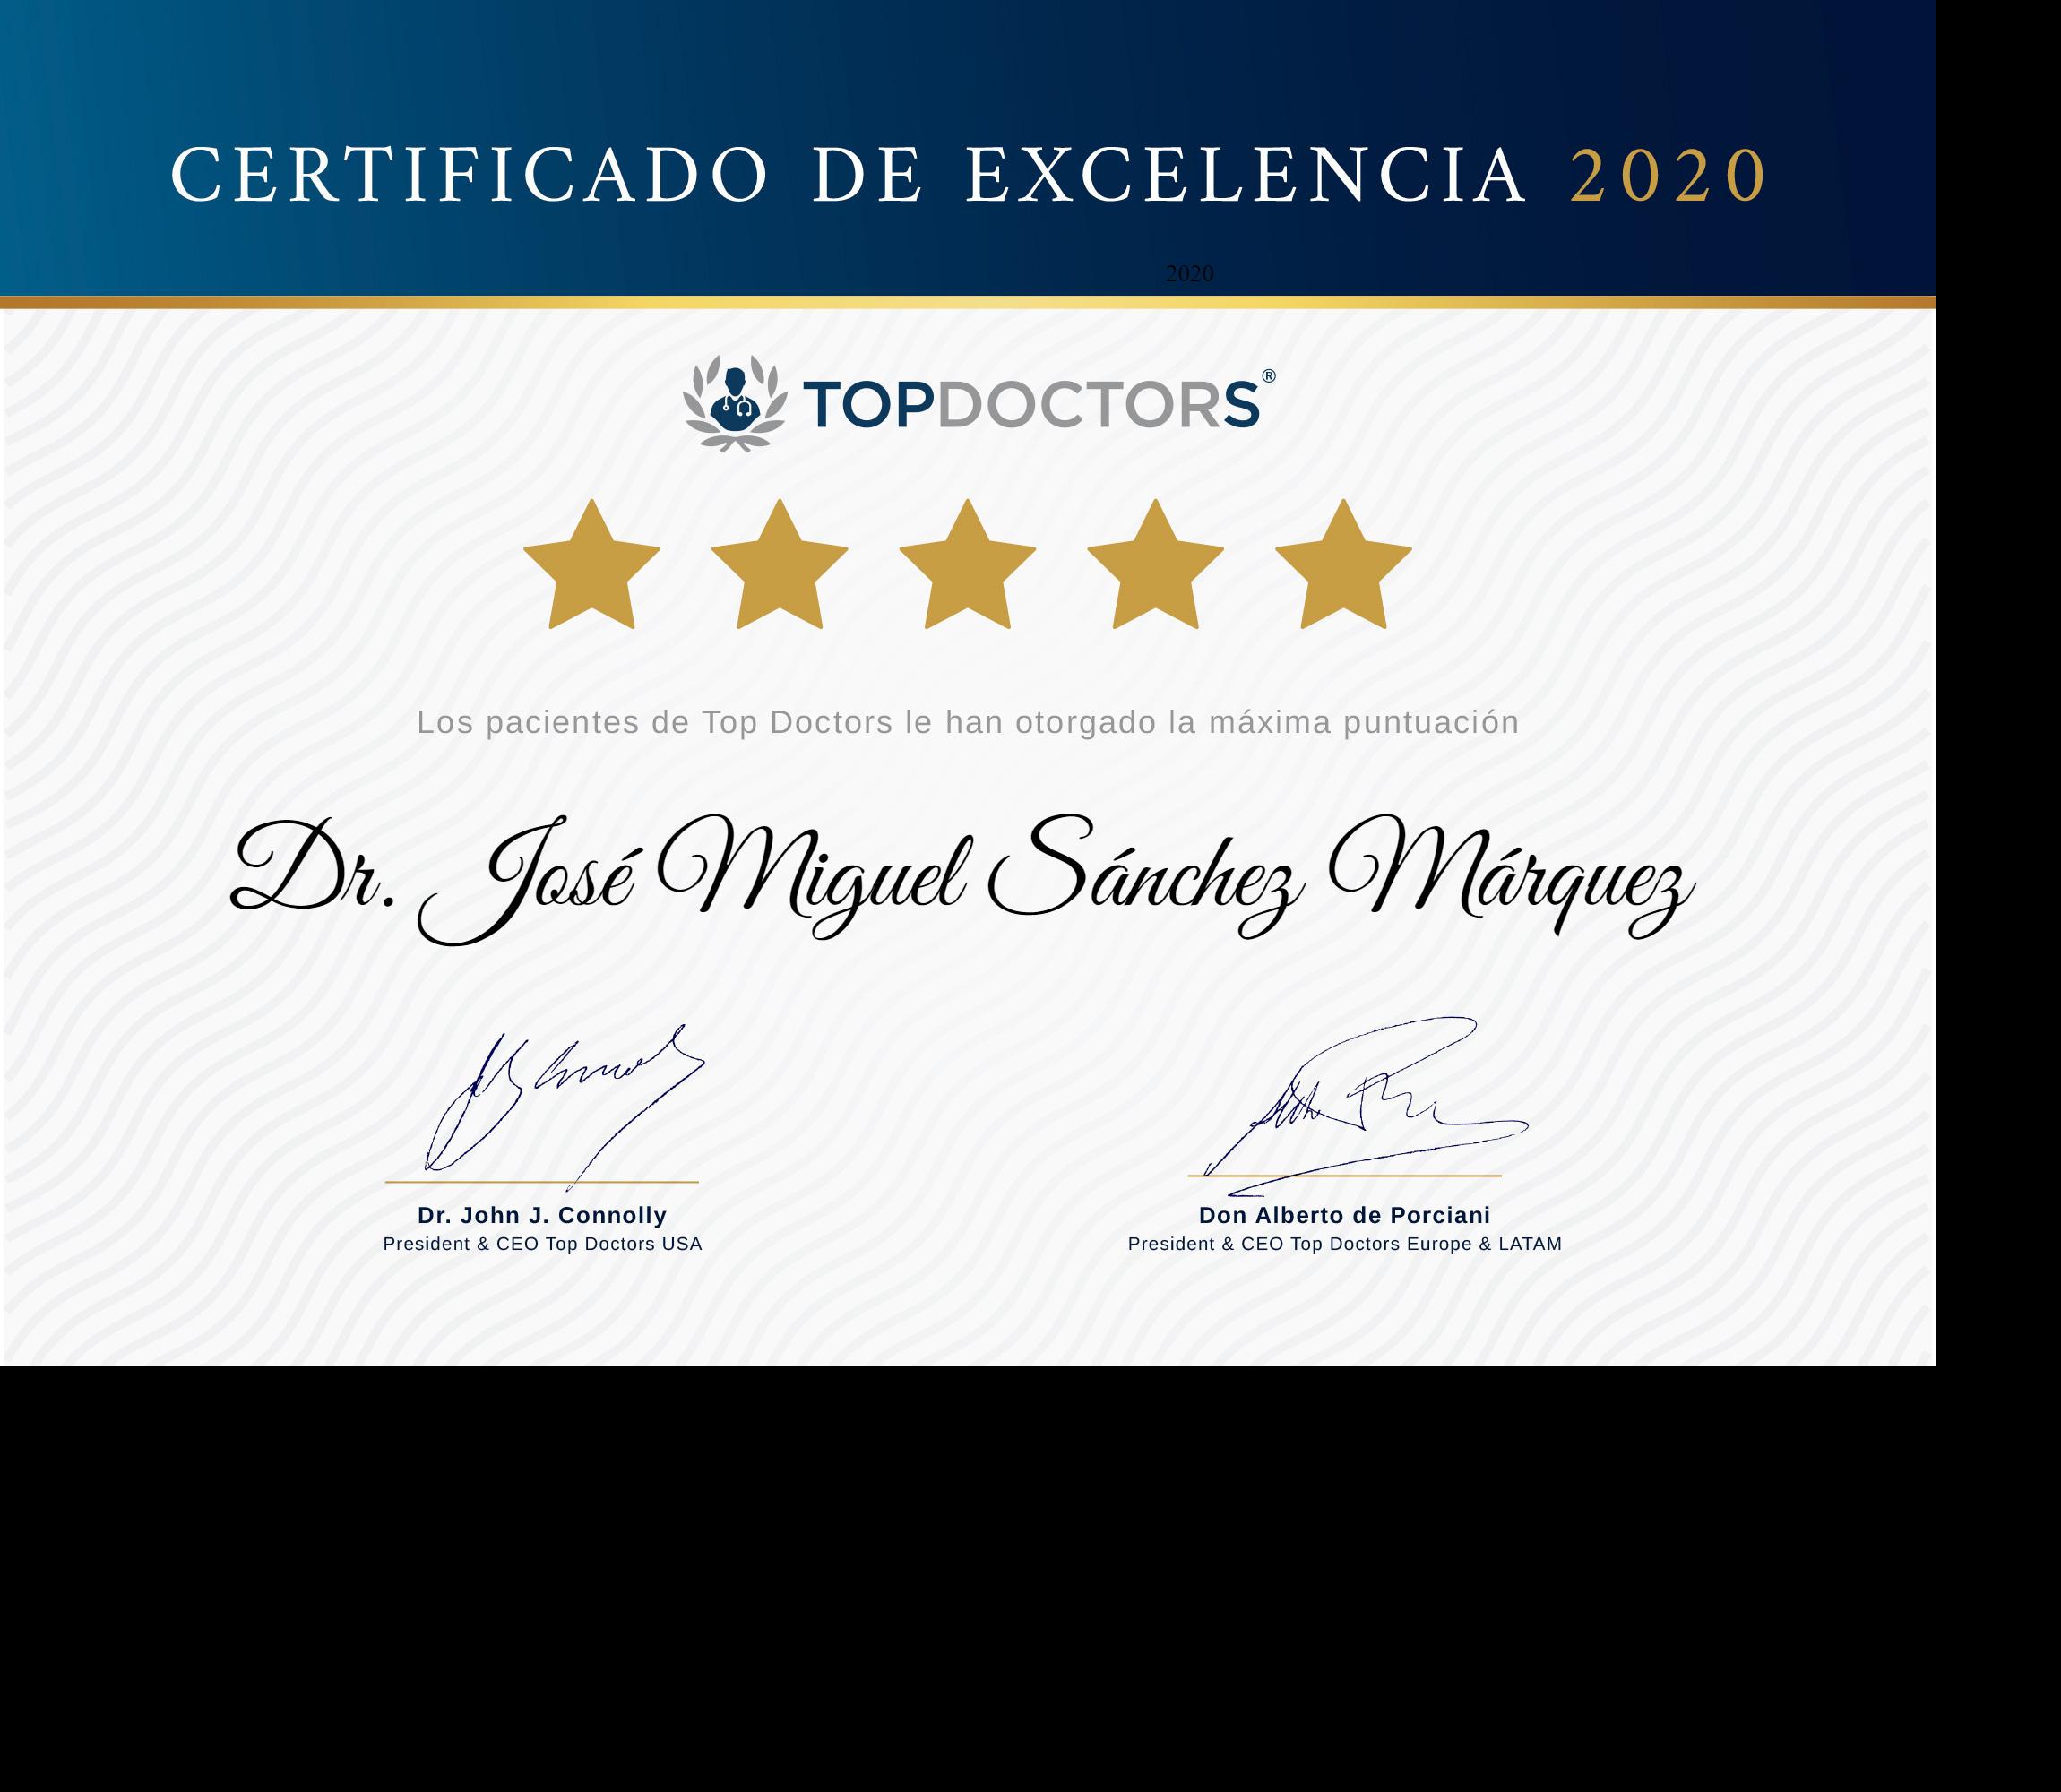 Certificado de exclencia médica: Dr. Sánchez Márquez - Top Doctors